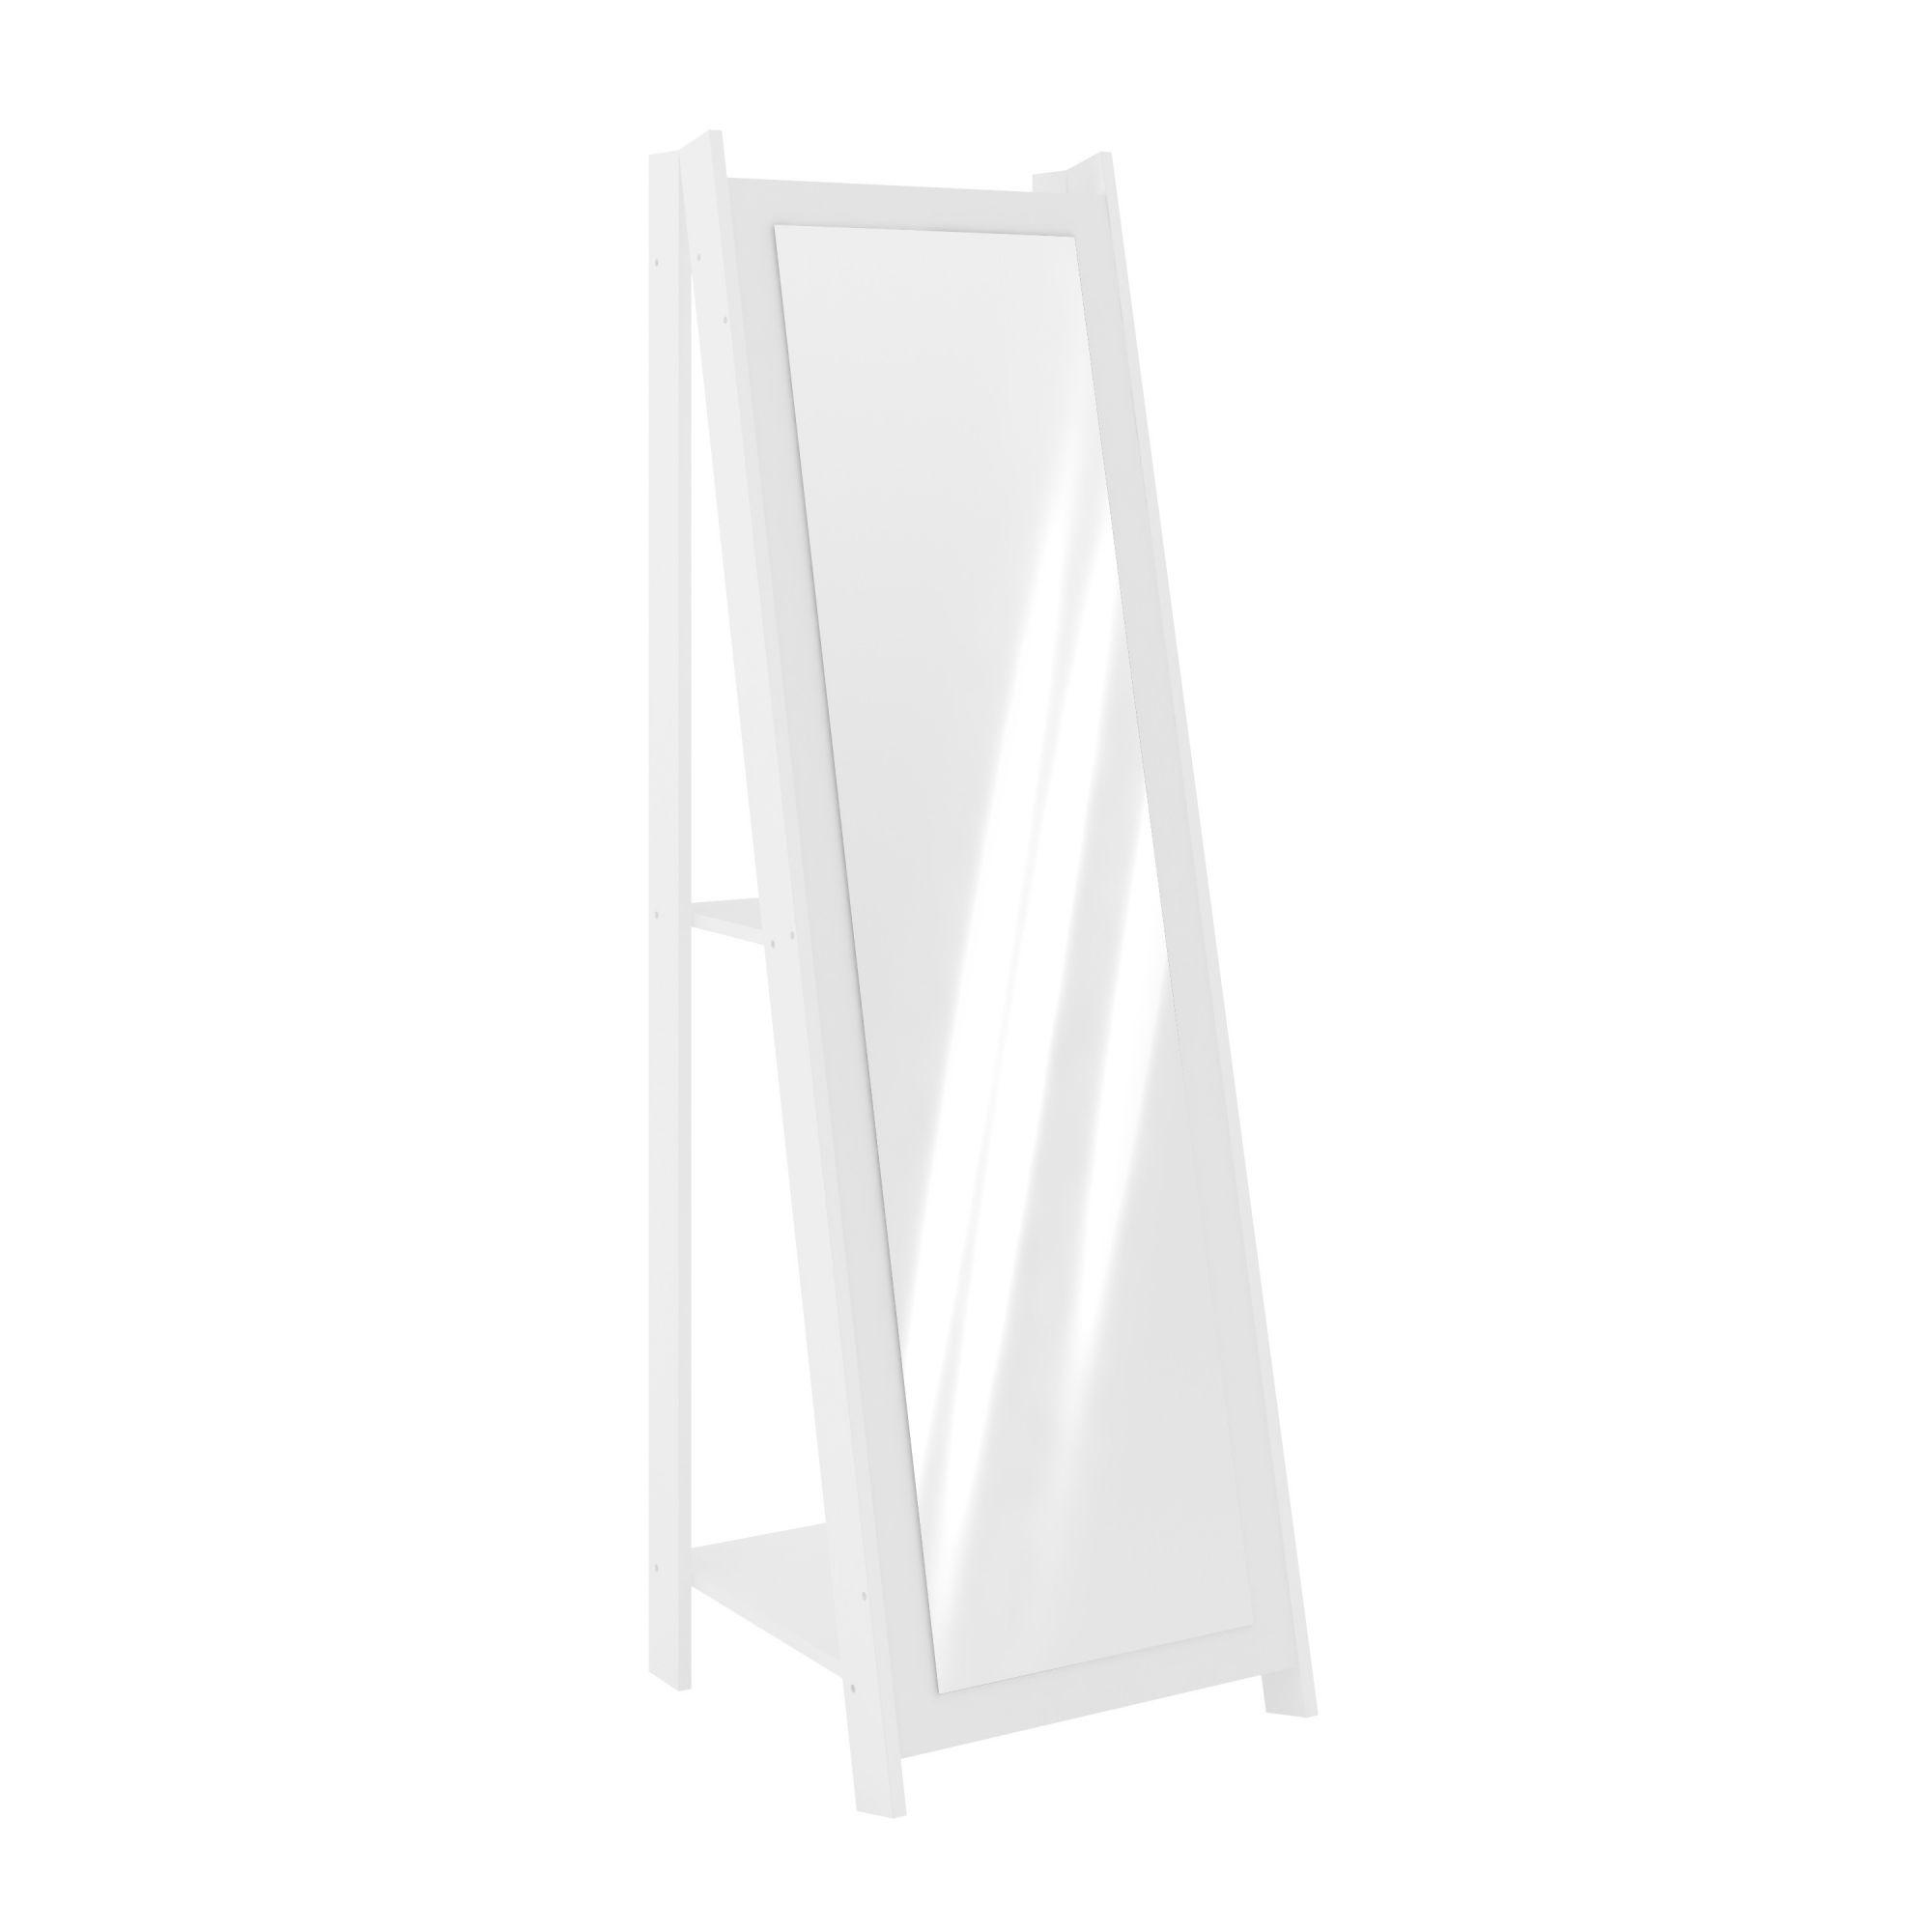 Espelho de Chão Branco com 2 Prateleiras Movelbento